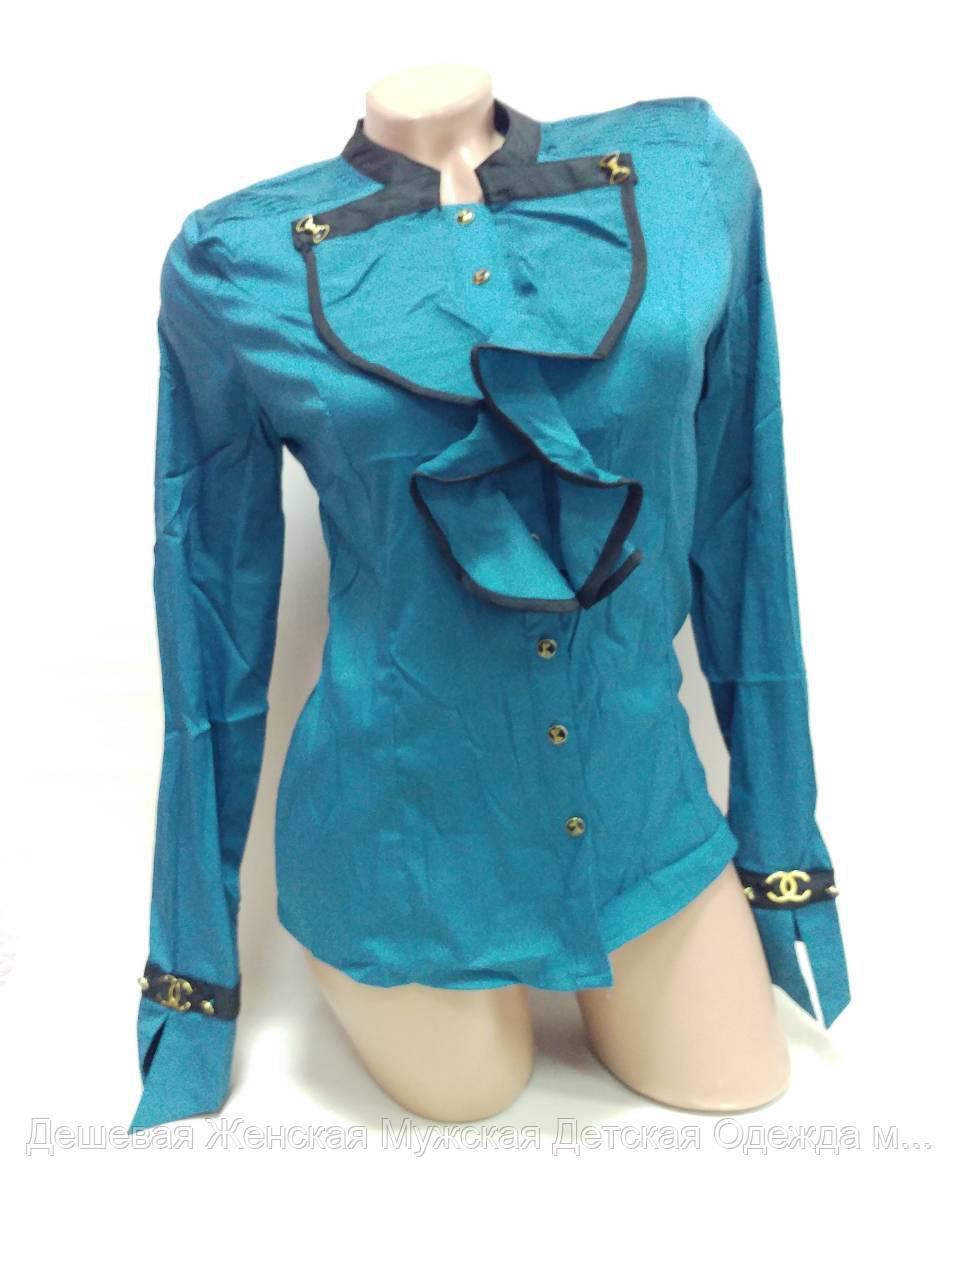 Блузка женская. В упаковке 5 шт. Размер норма 36-44